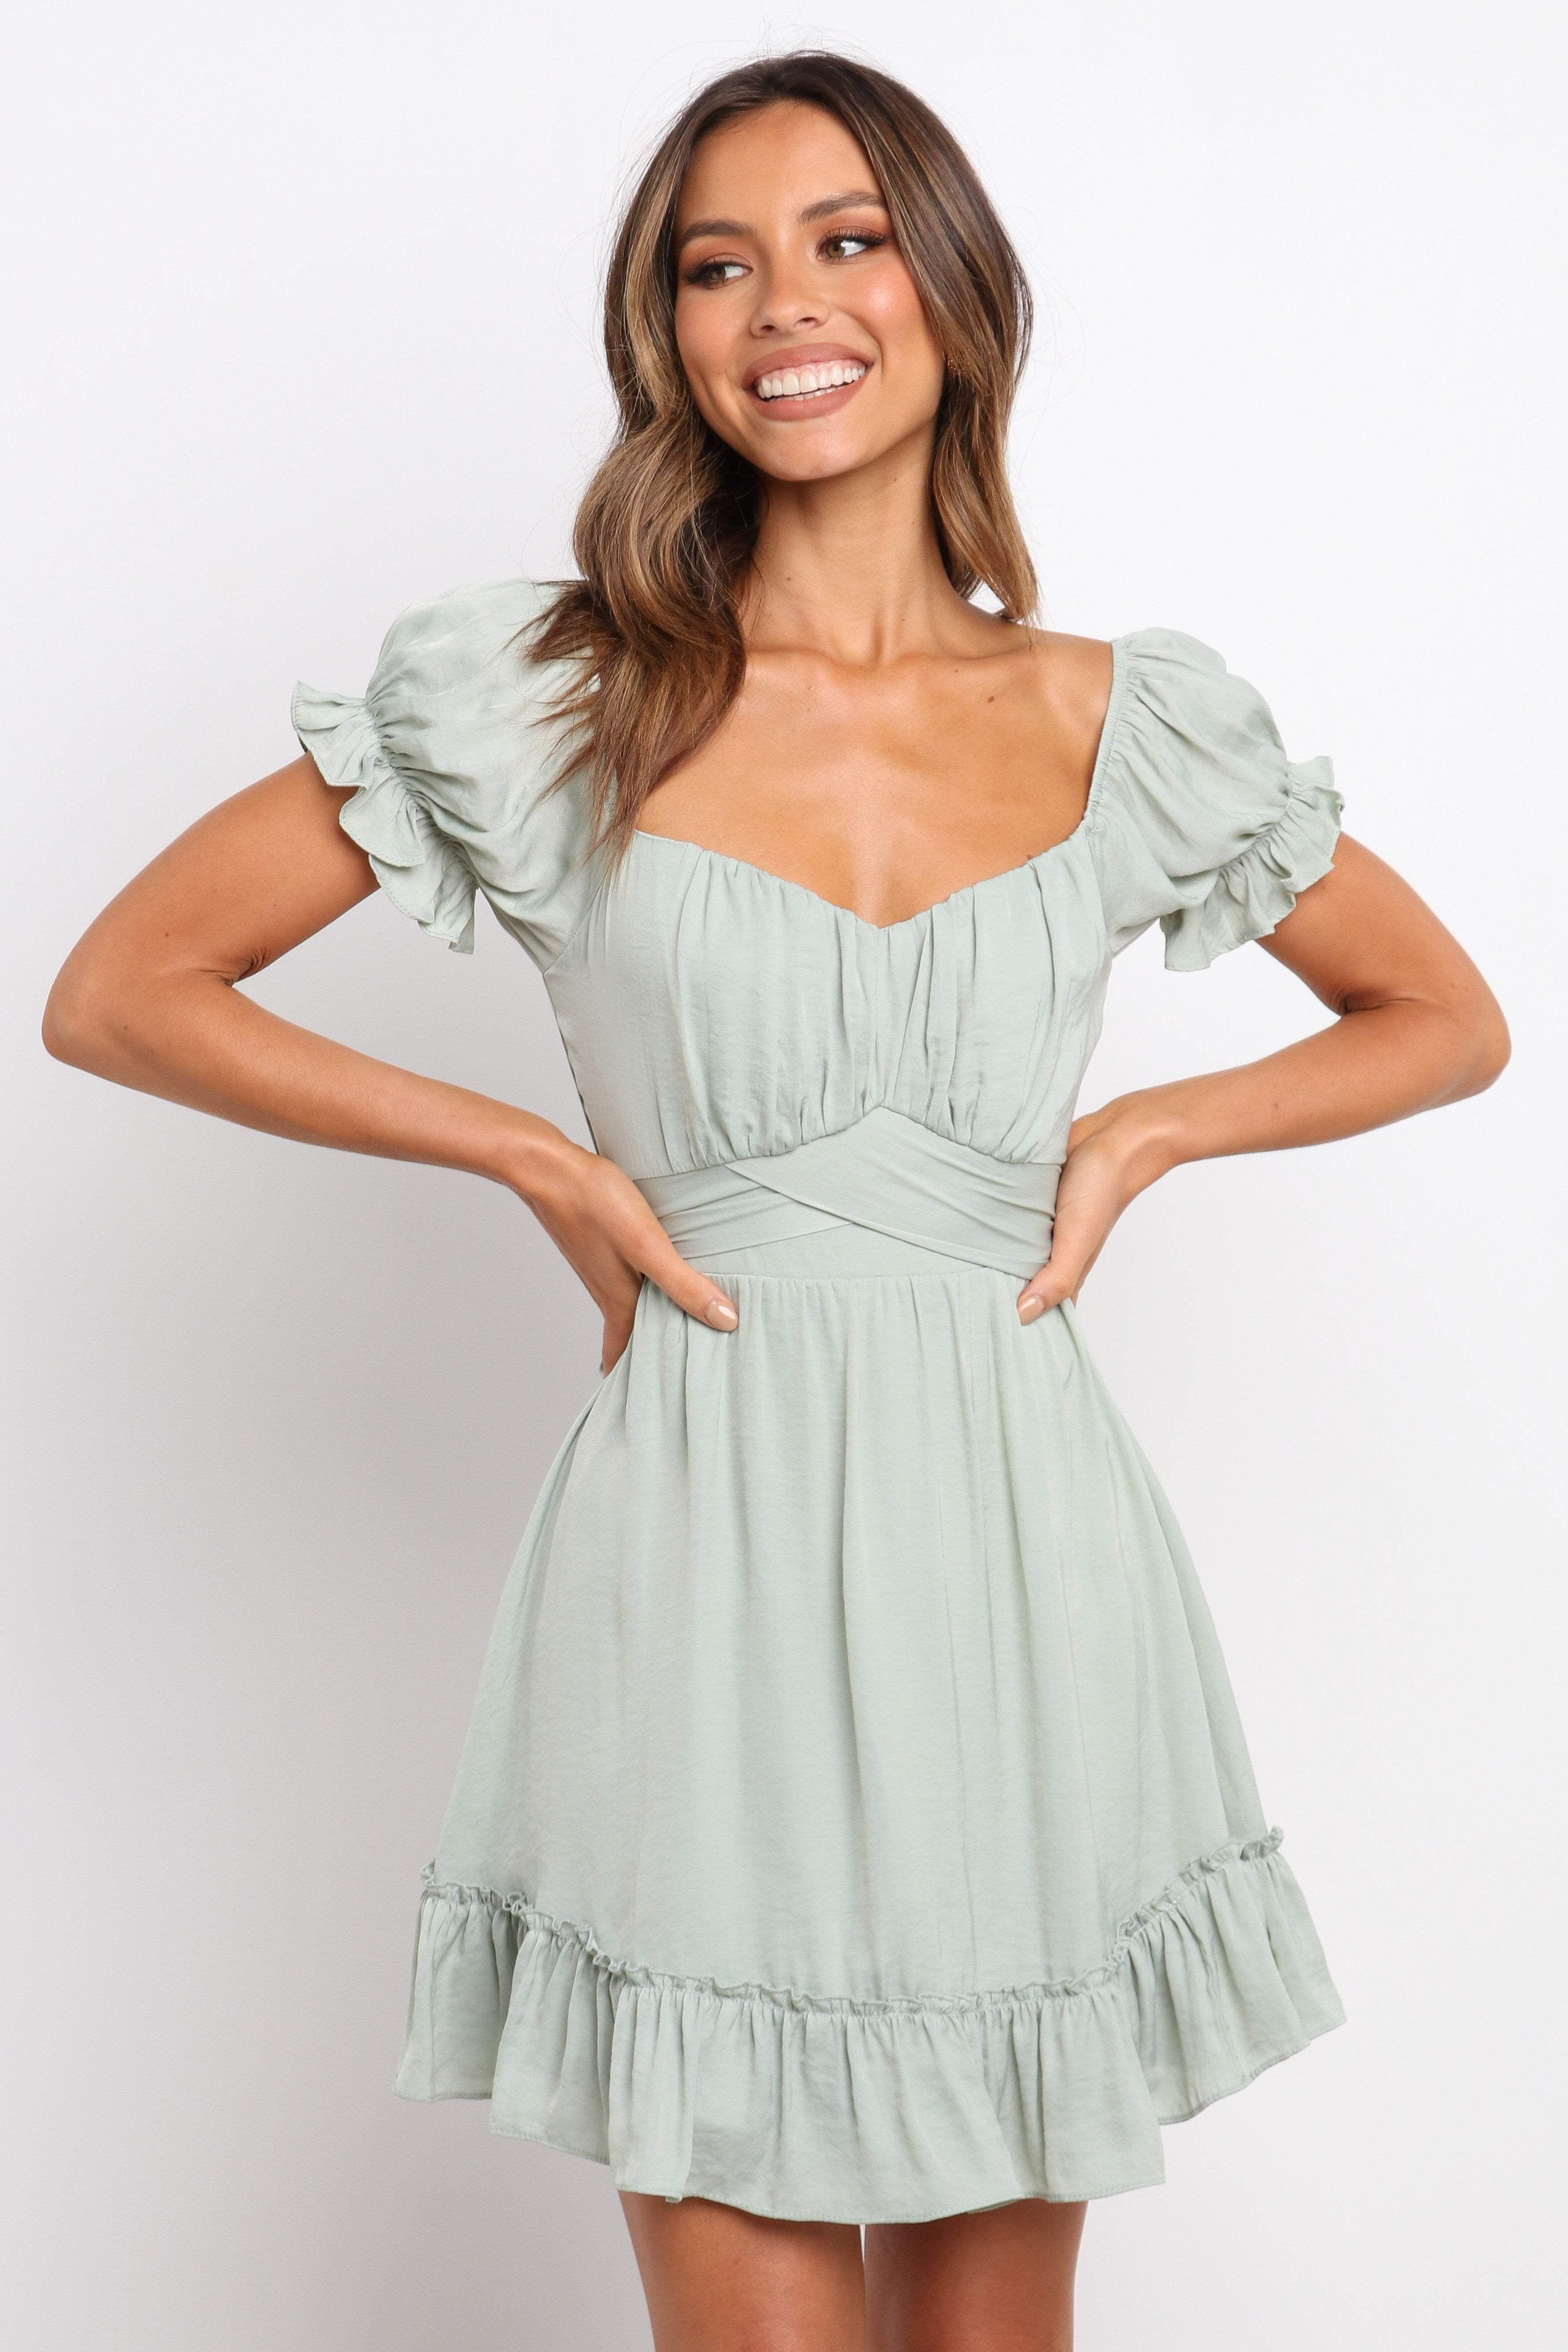 Zusanna Dress Green 6 Dresses Green Dress Simple Dresses [ 5338 x 3559 Pixel ]